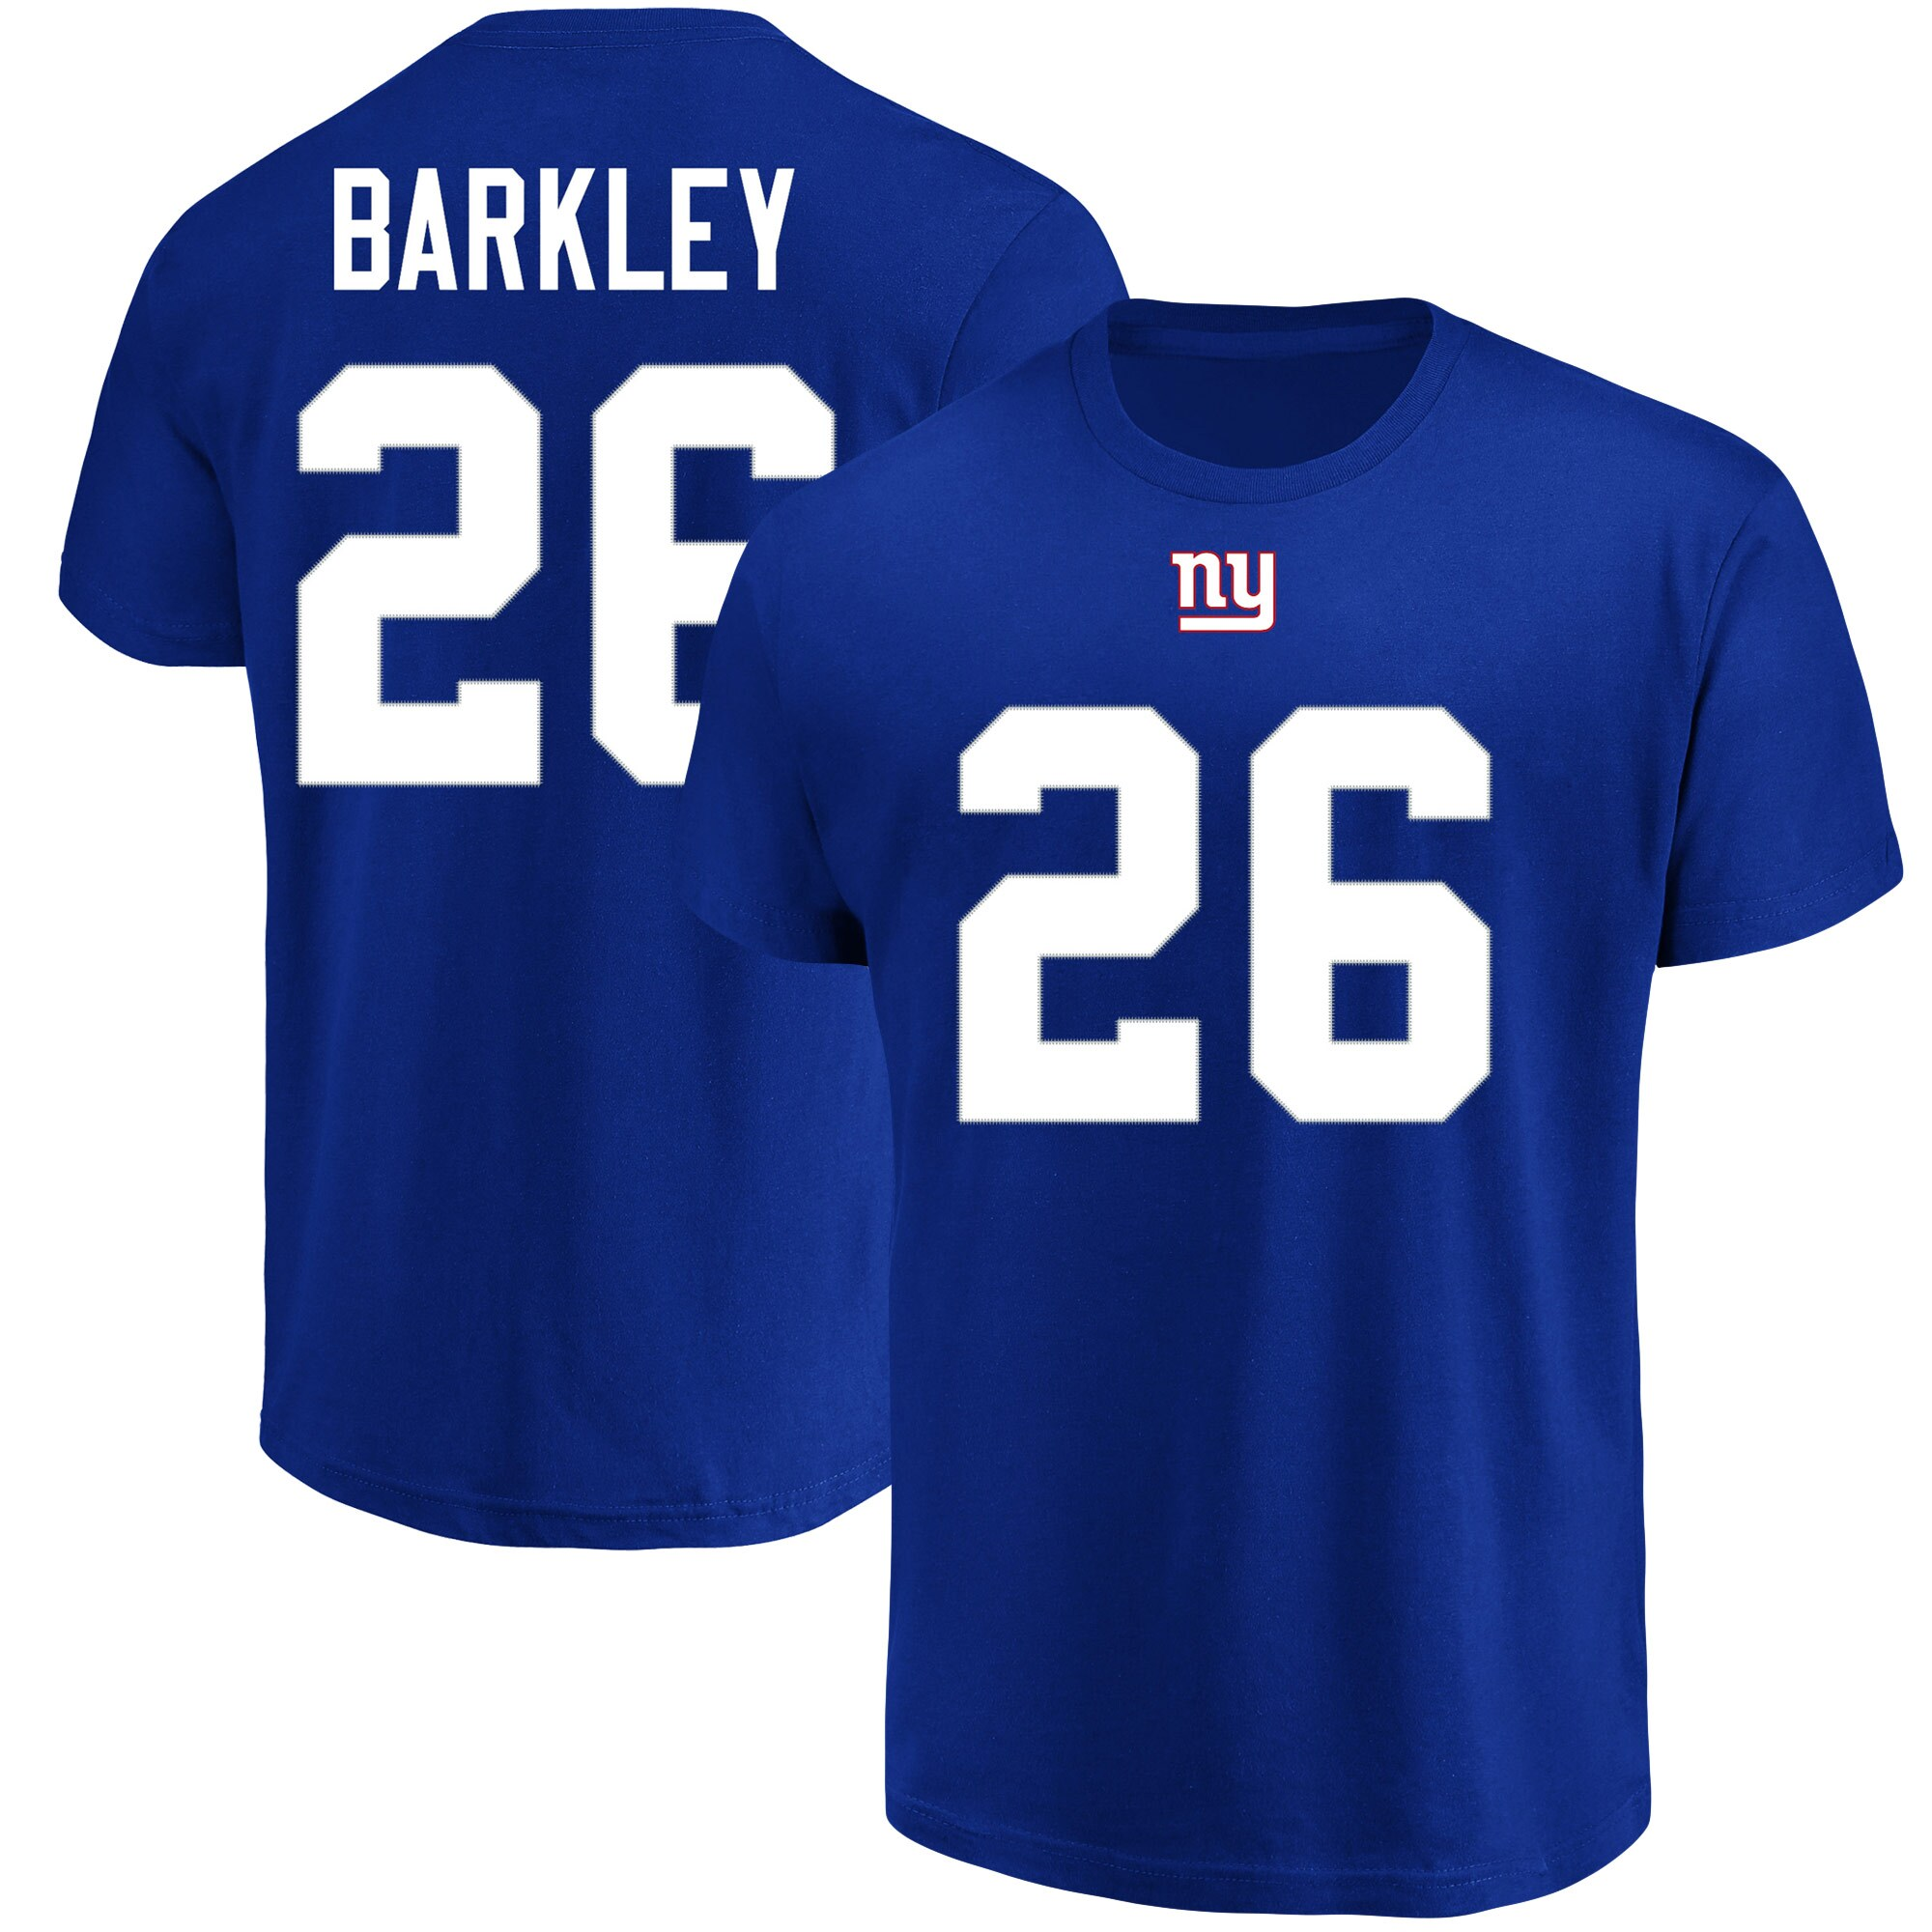 Saquon Barkley New York Giants Majestic Big & Tall Name & Number T-Shirt - Royal